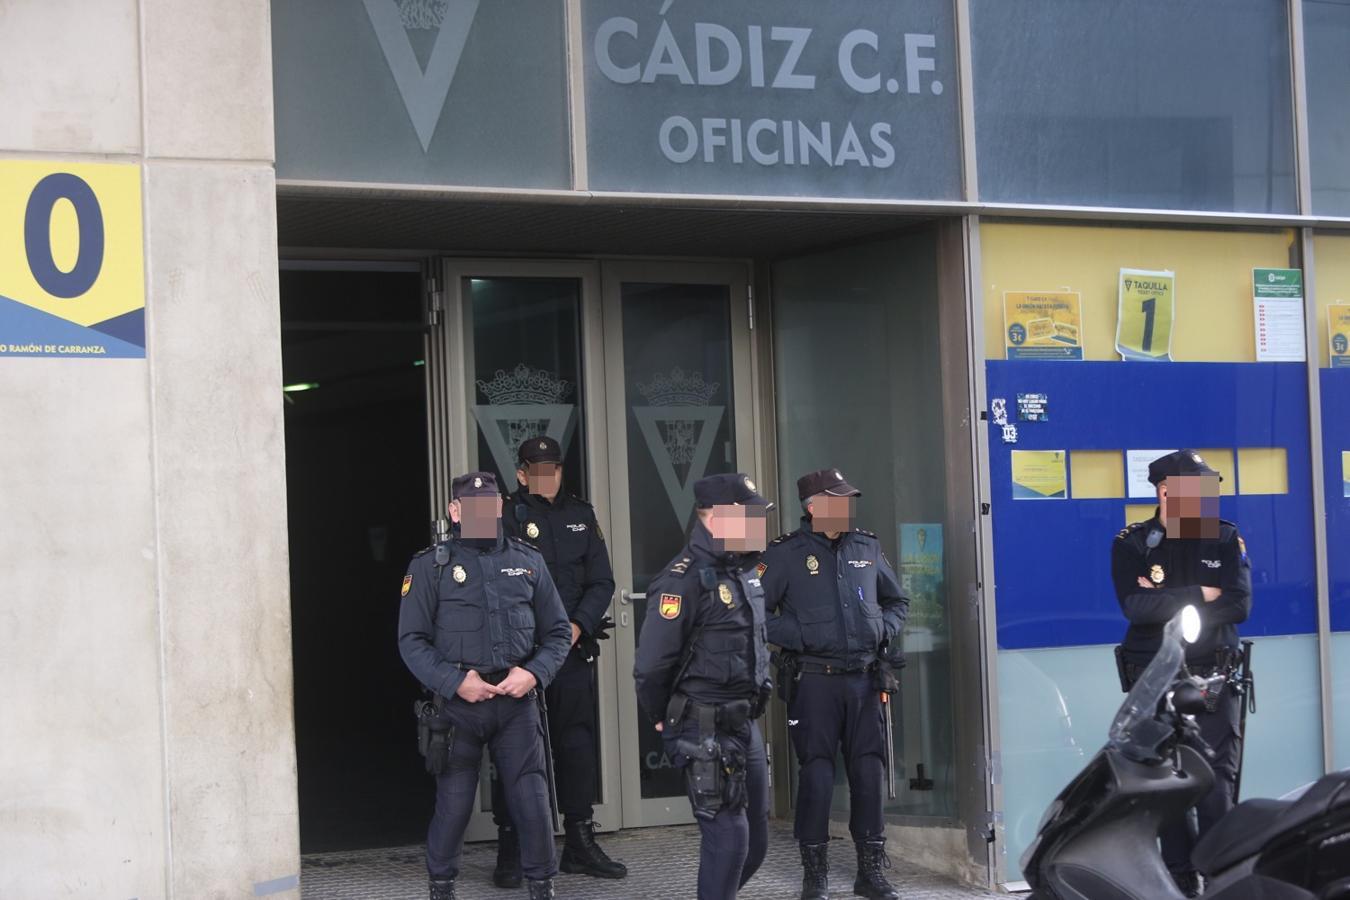 La polic a registra las oficinas del c diz cf por orden judicial - Oficina del policia ...